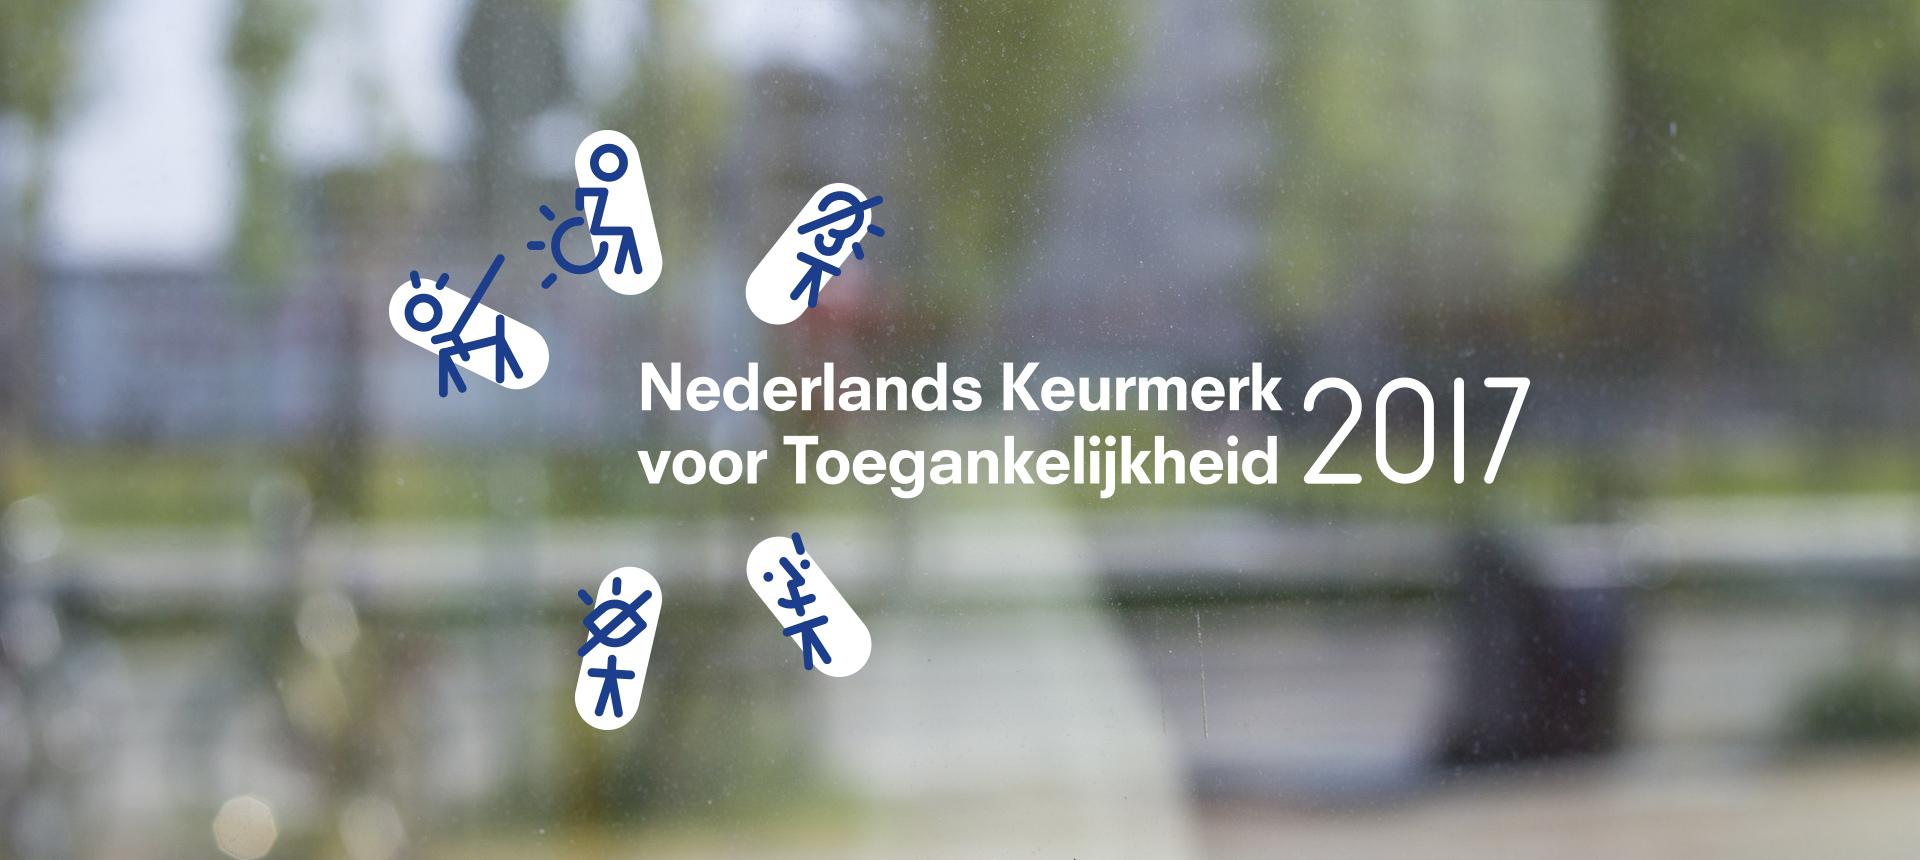 Nederlands Keurmerk voor Toegankelijkheid 2017